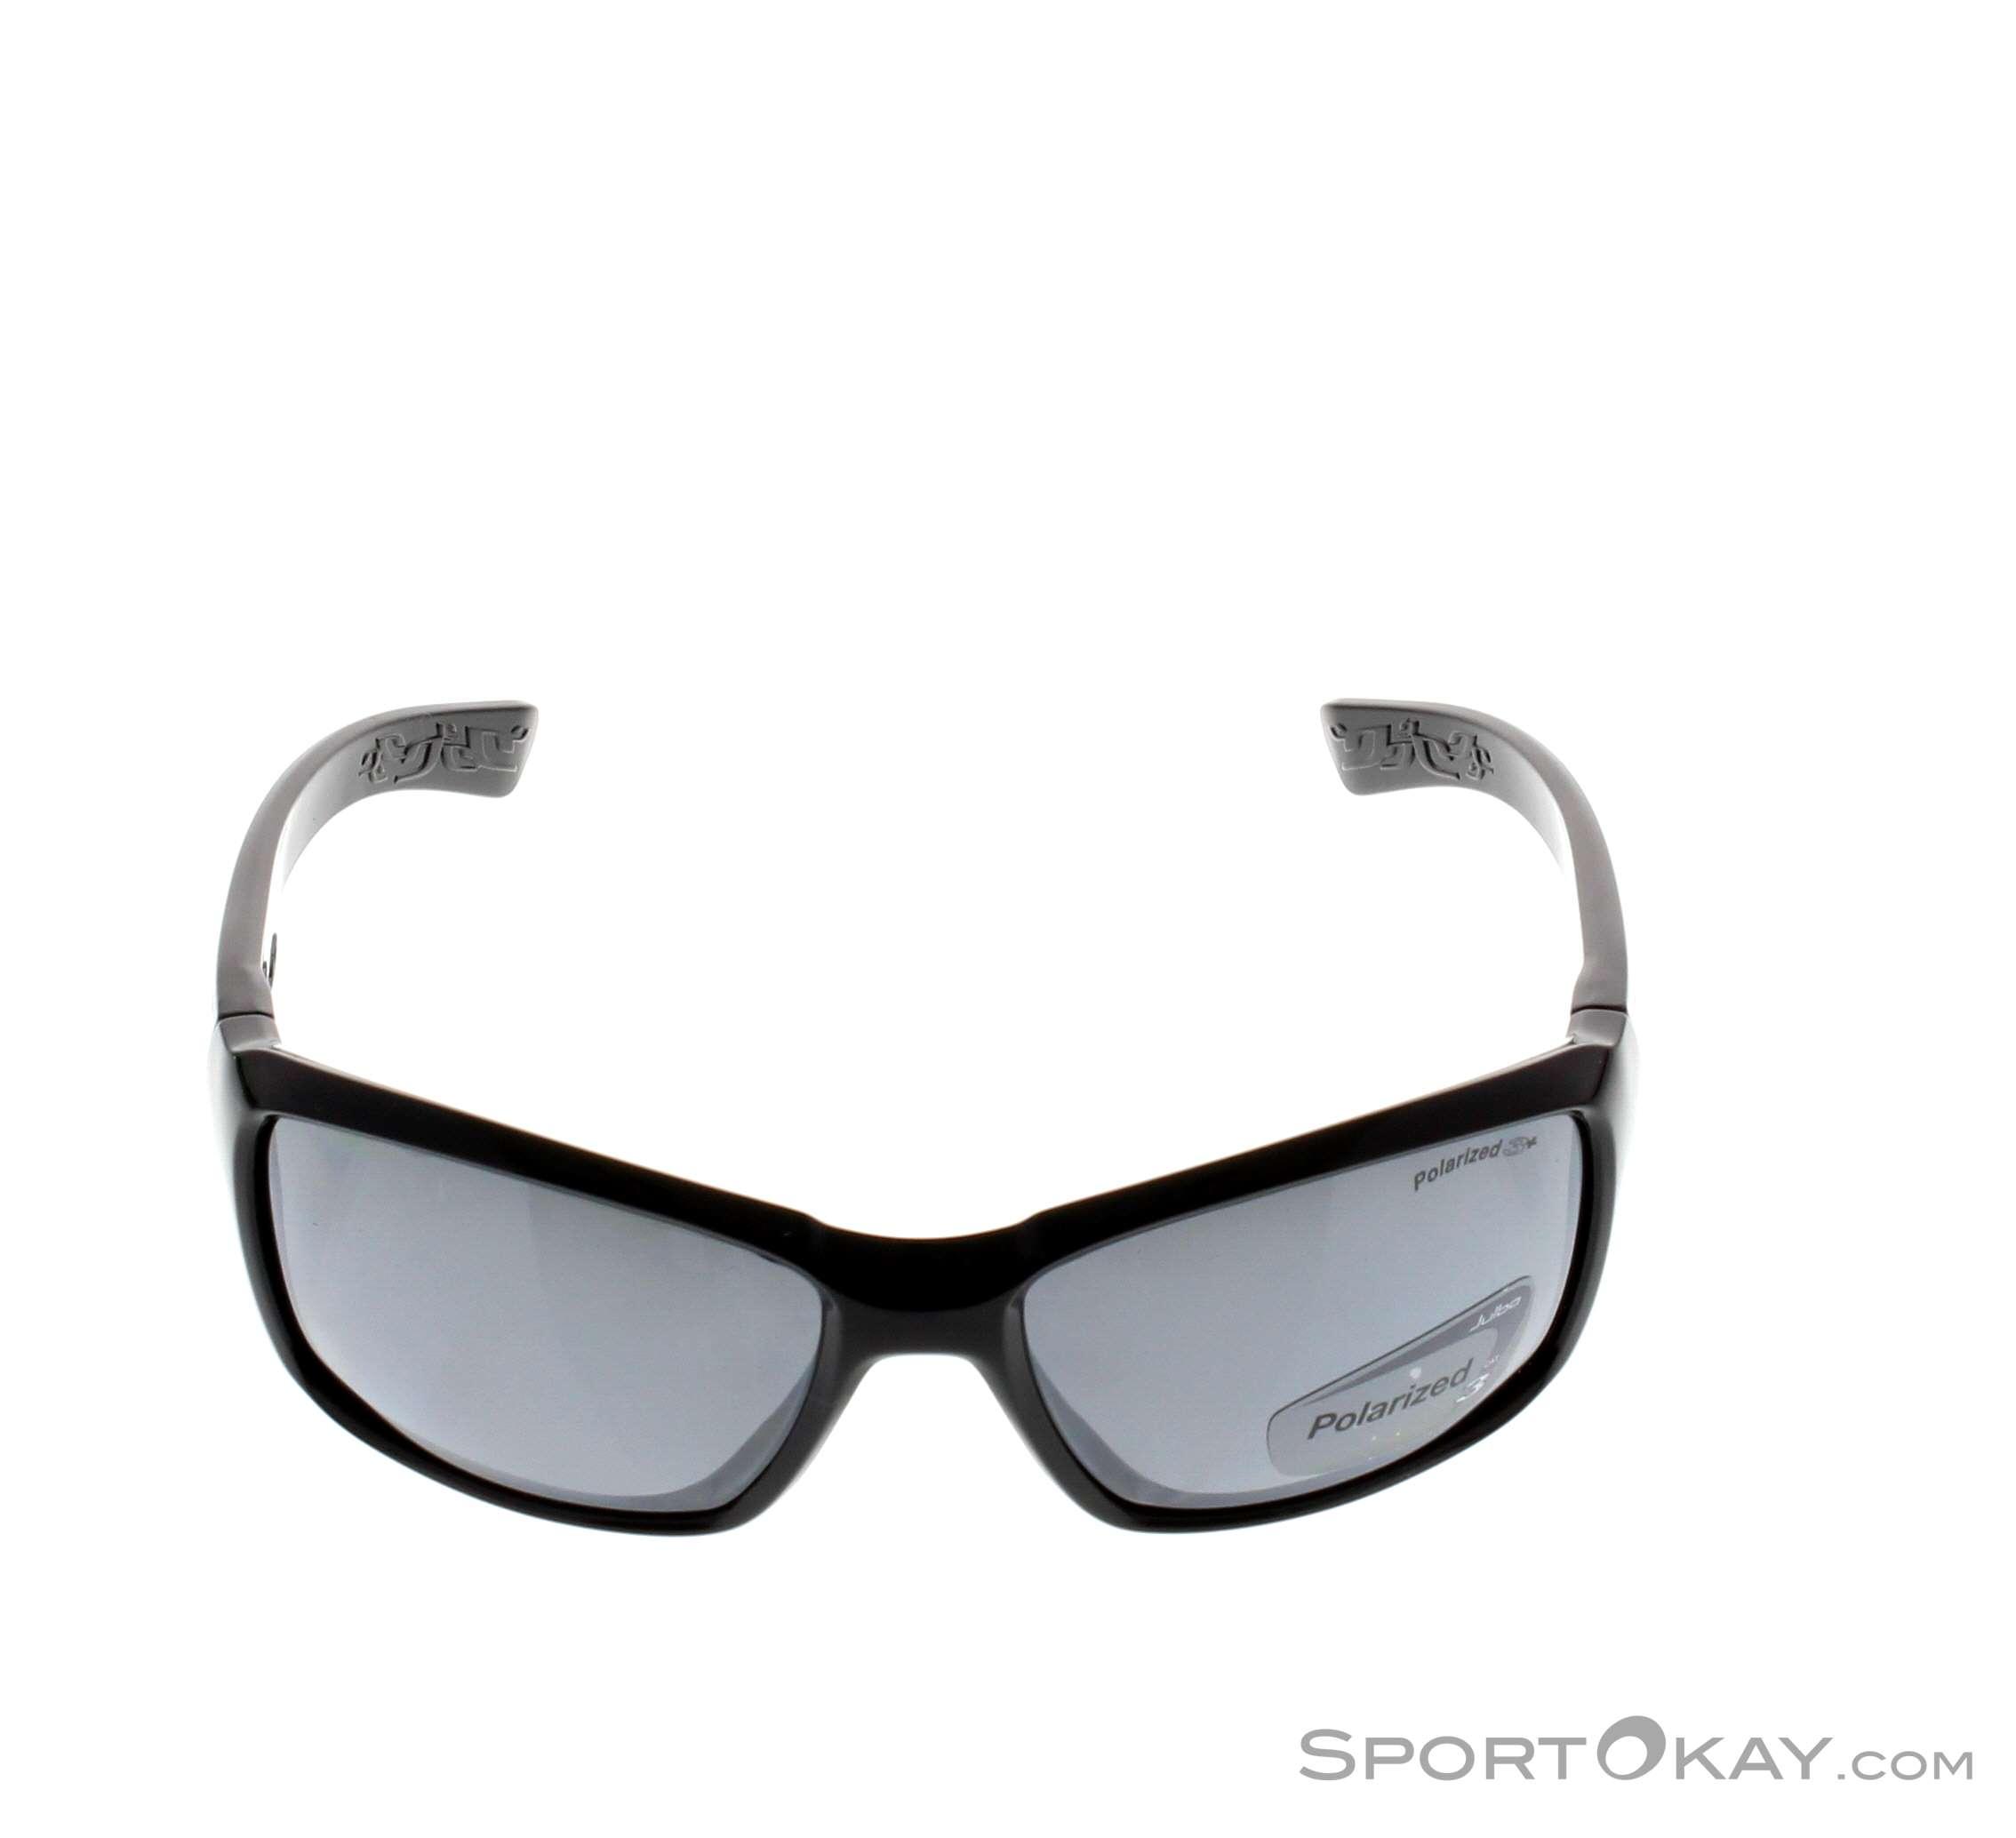 df372a675c Julbo Whoops Polarized Sunglasses - Ski Goggles   Accessory - Ski ...